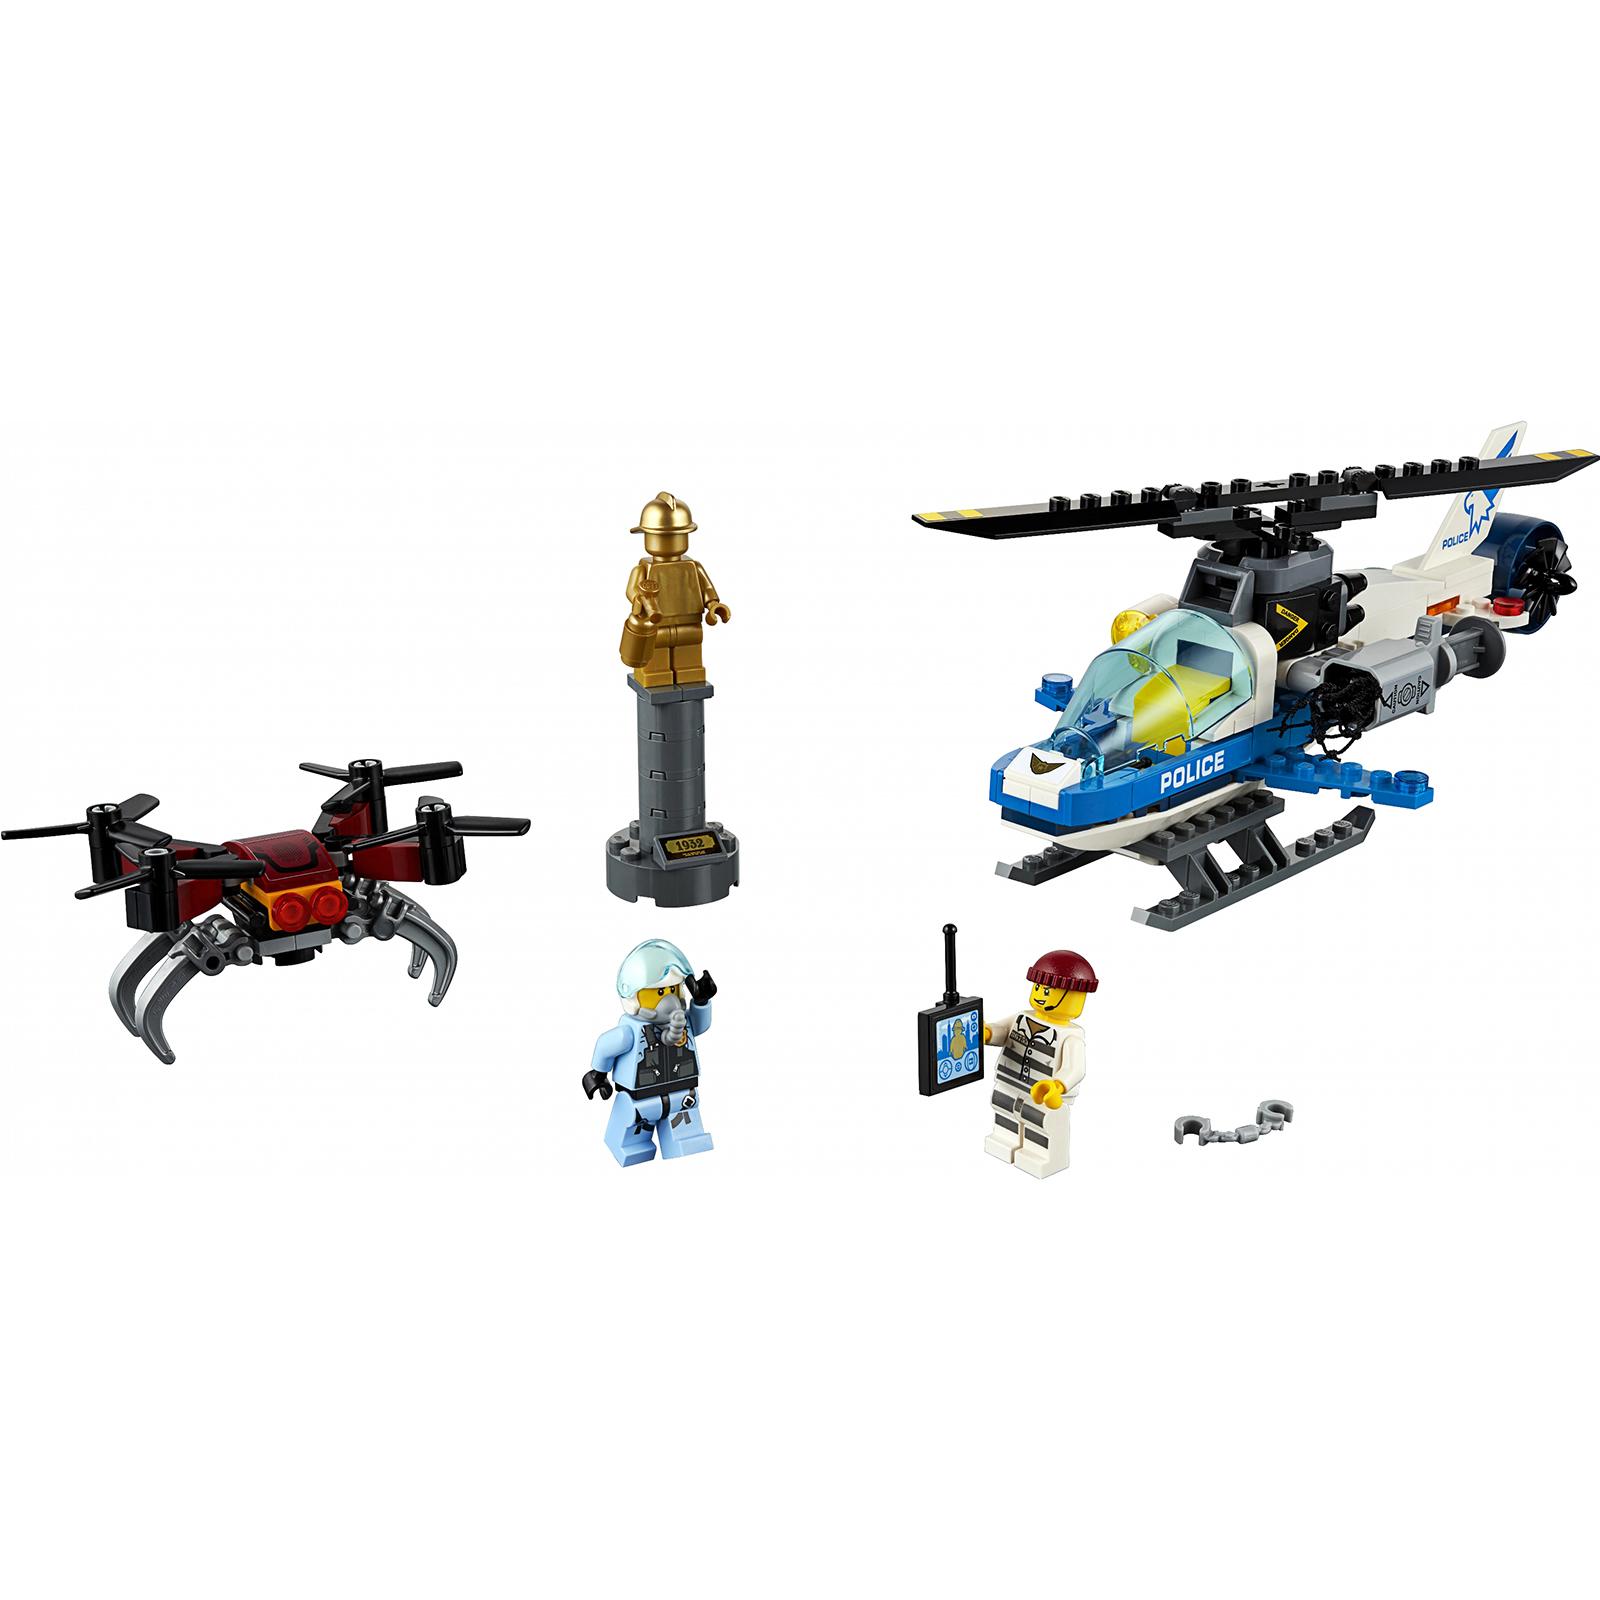 Купить Конструктор Lego City Воздушная полиция: Погоня дронов 60207, пластик, для мальчиков, Конструкторы, пазлы